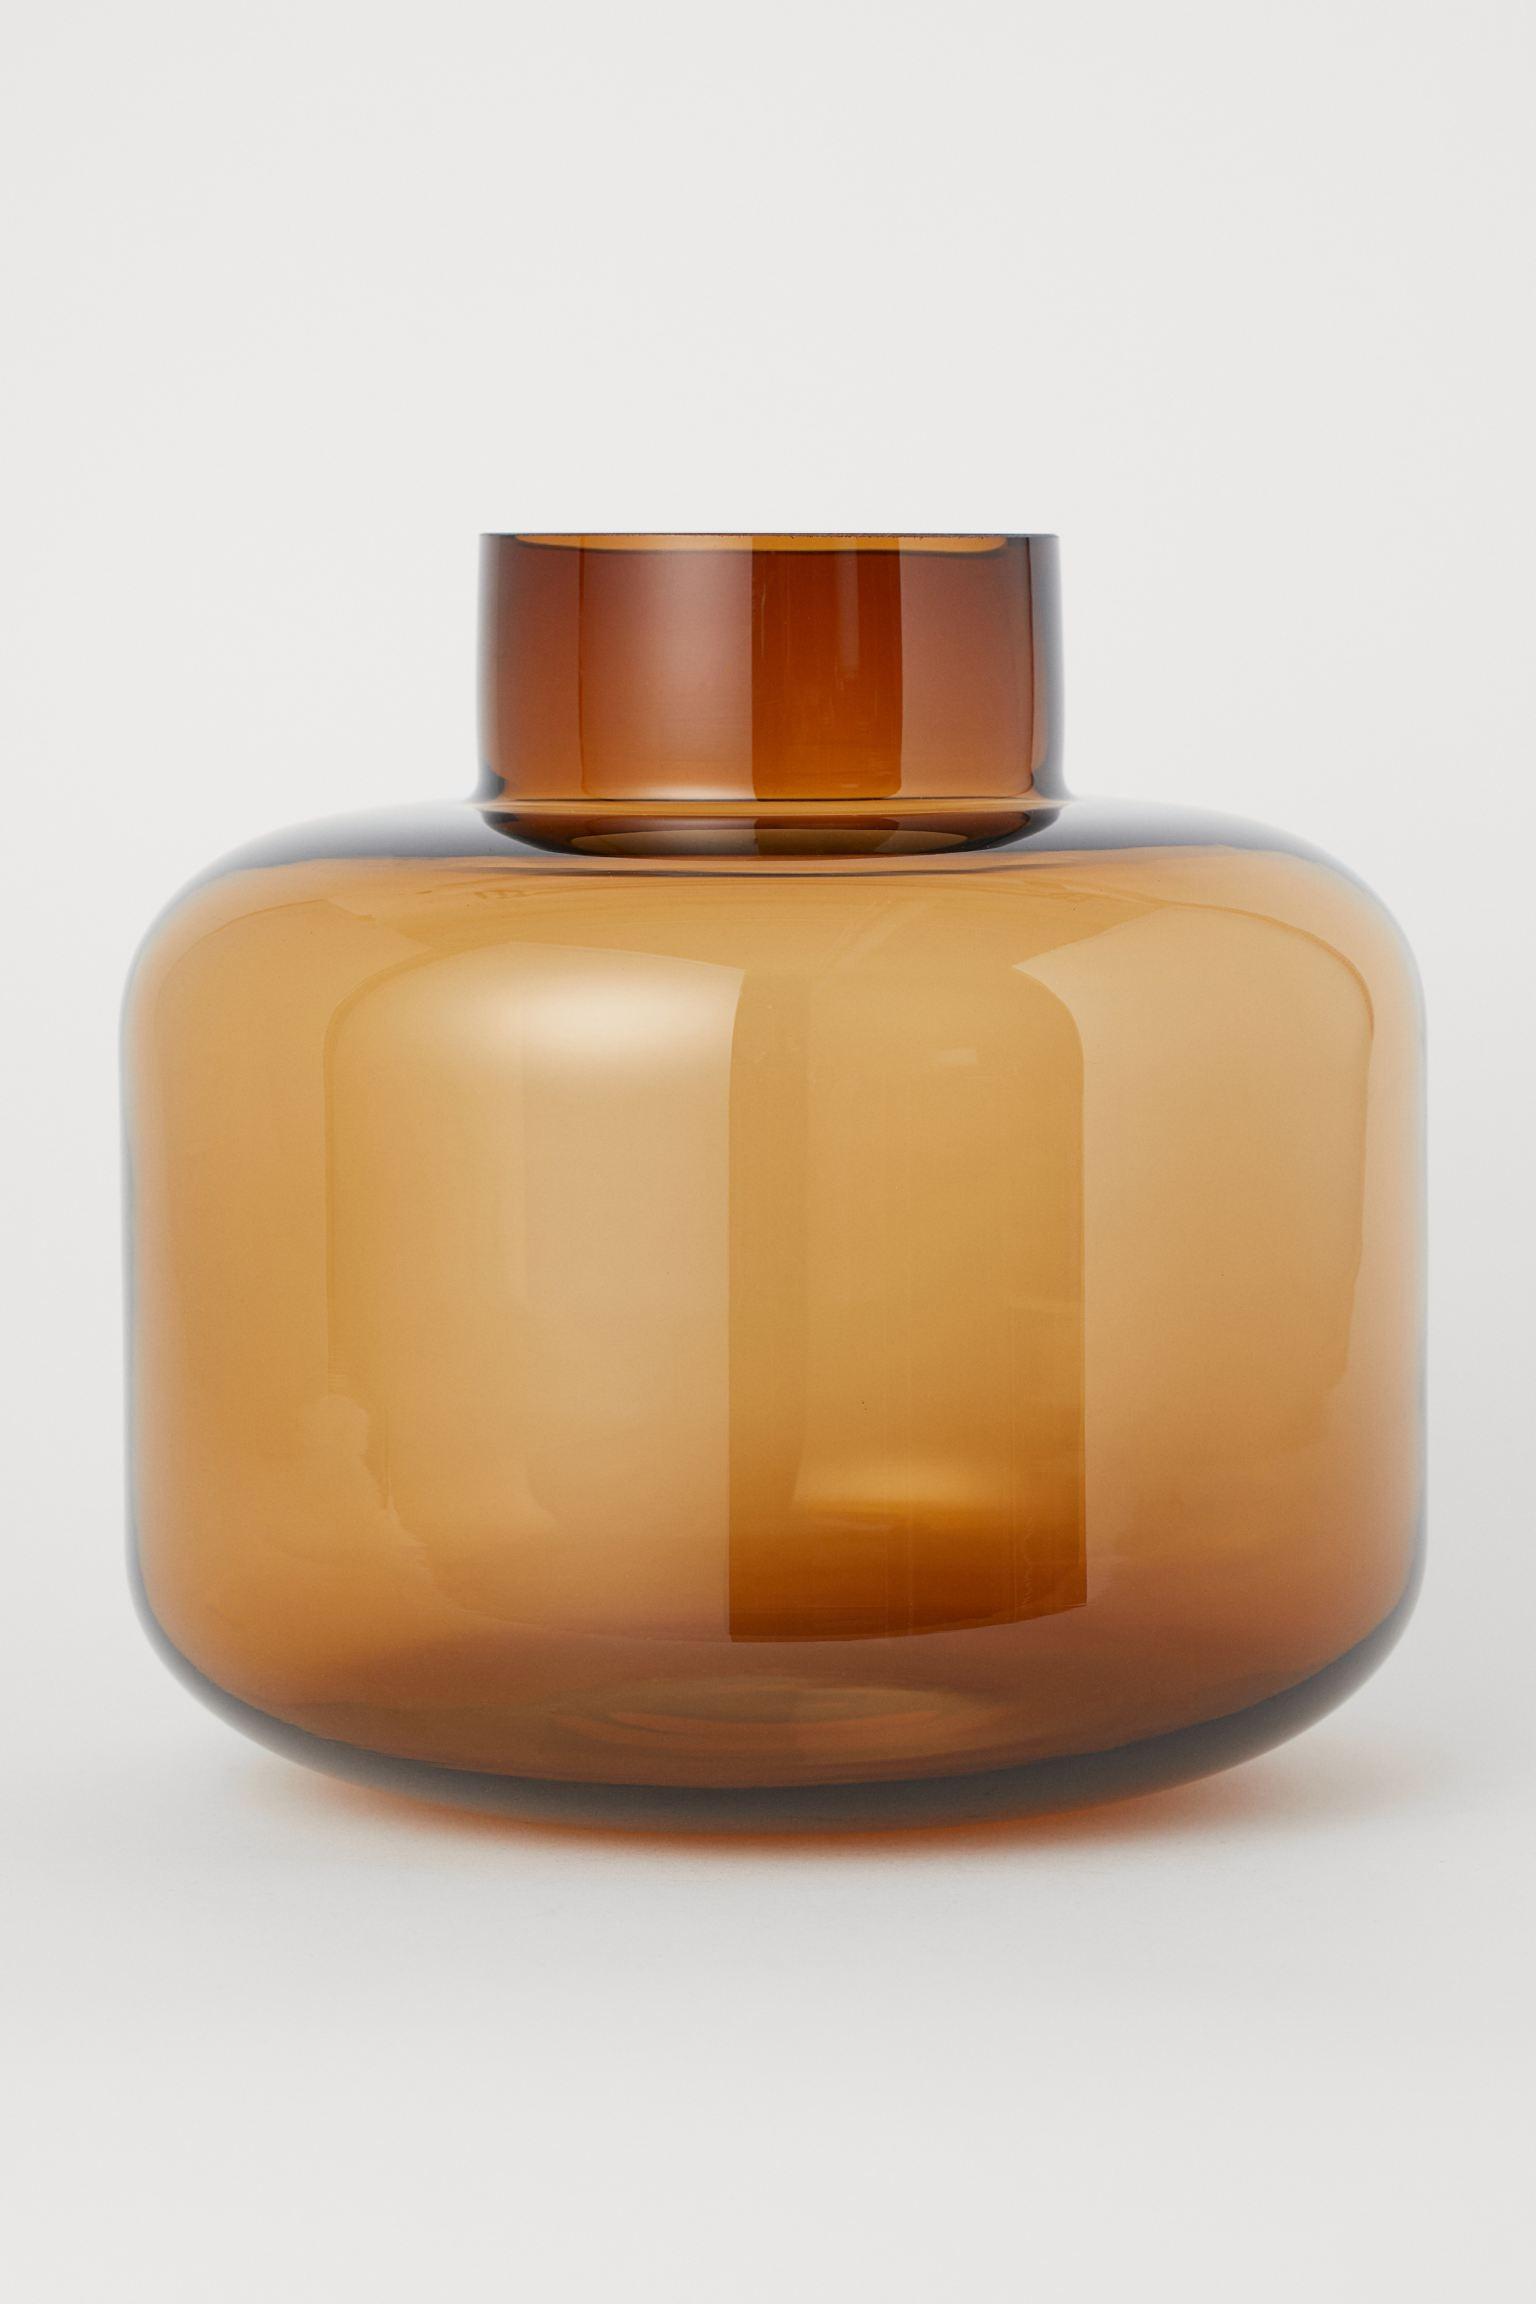 thanksgiving decoration - dark brown round glass vase